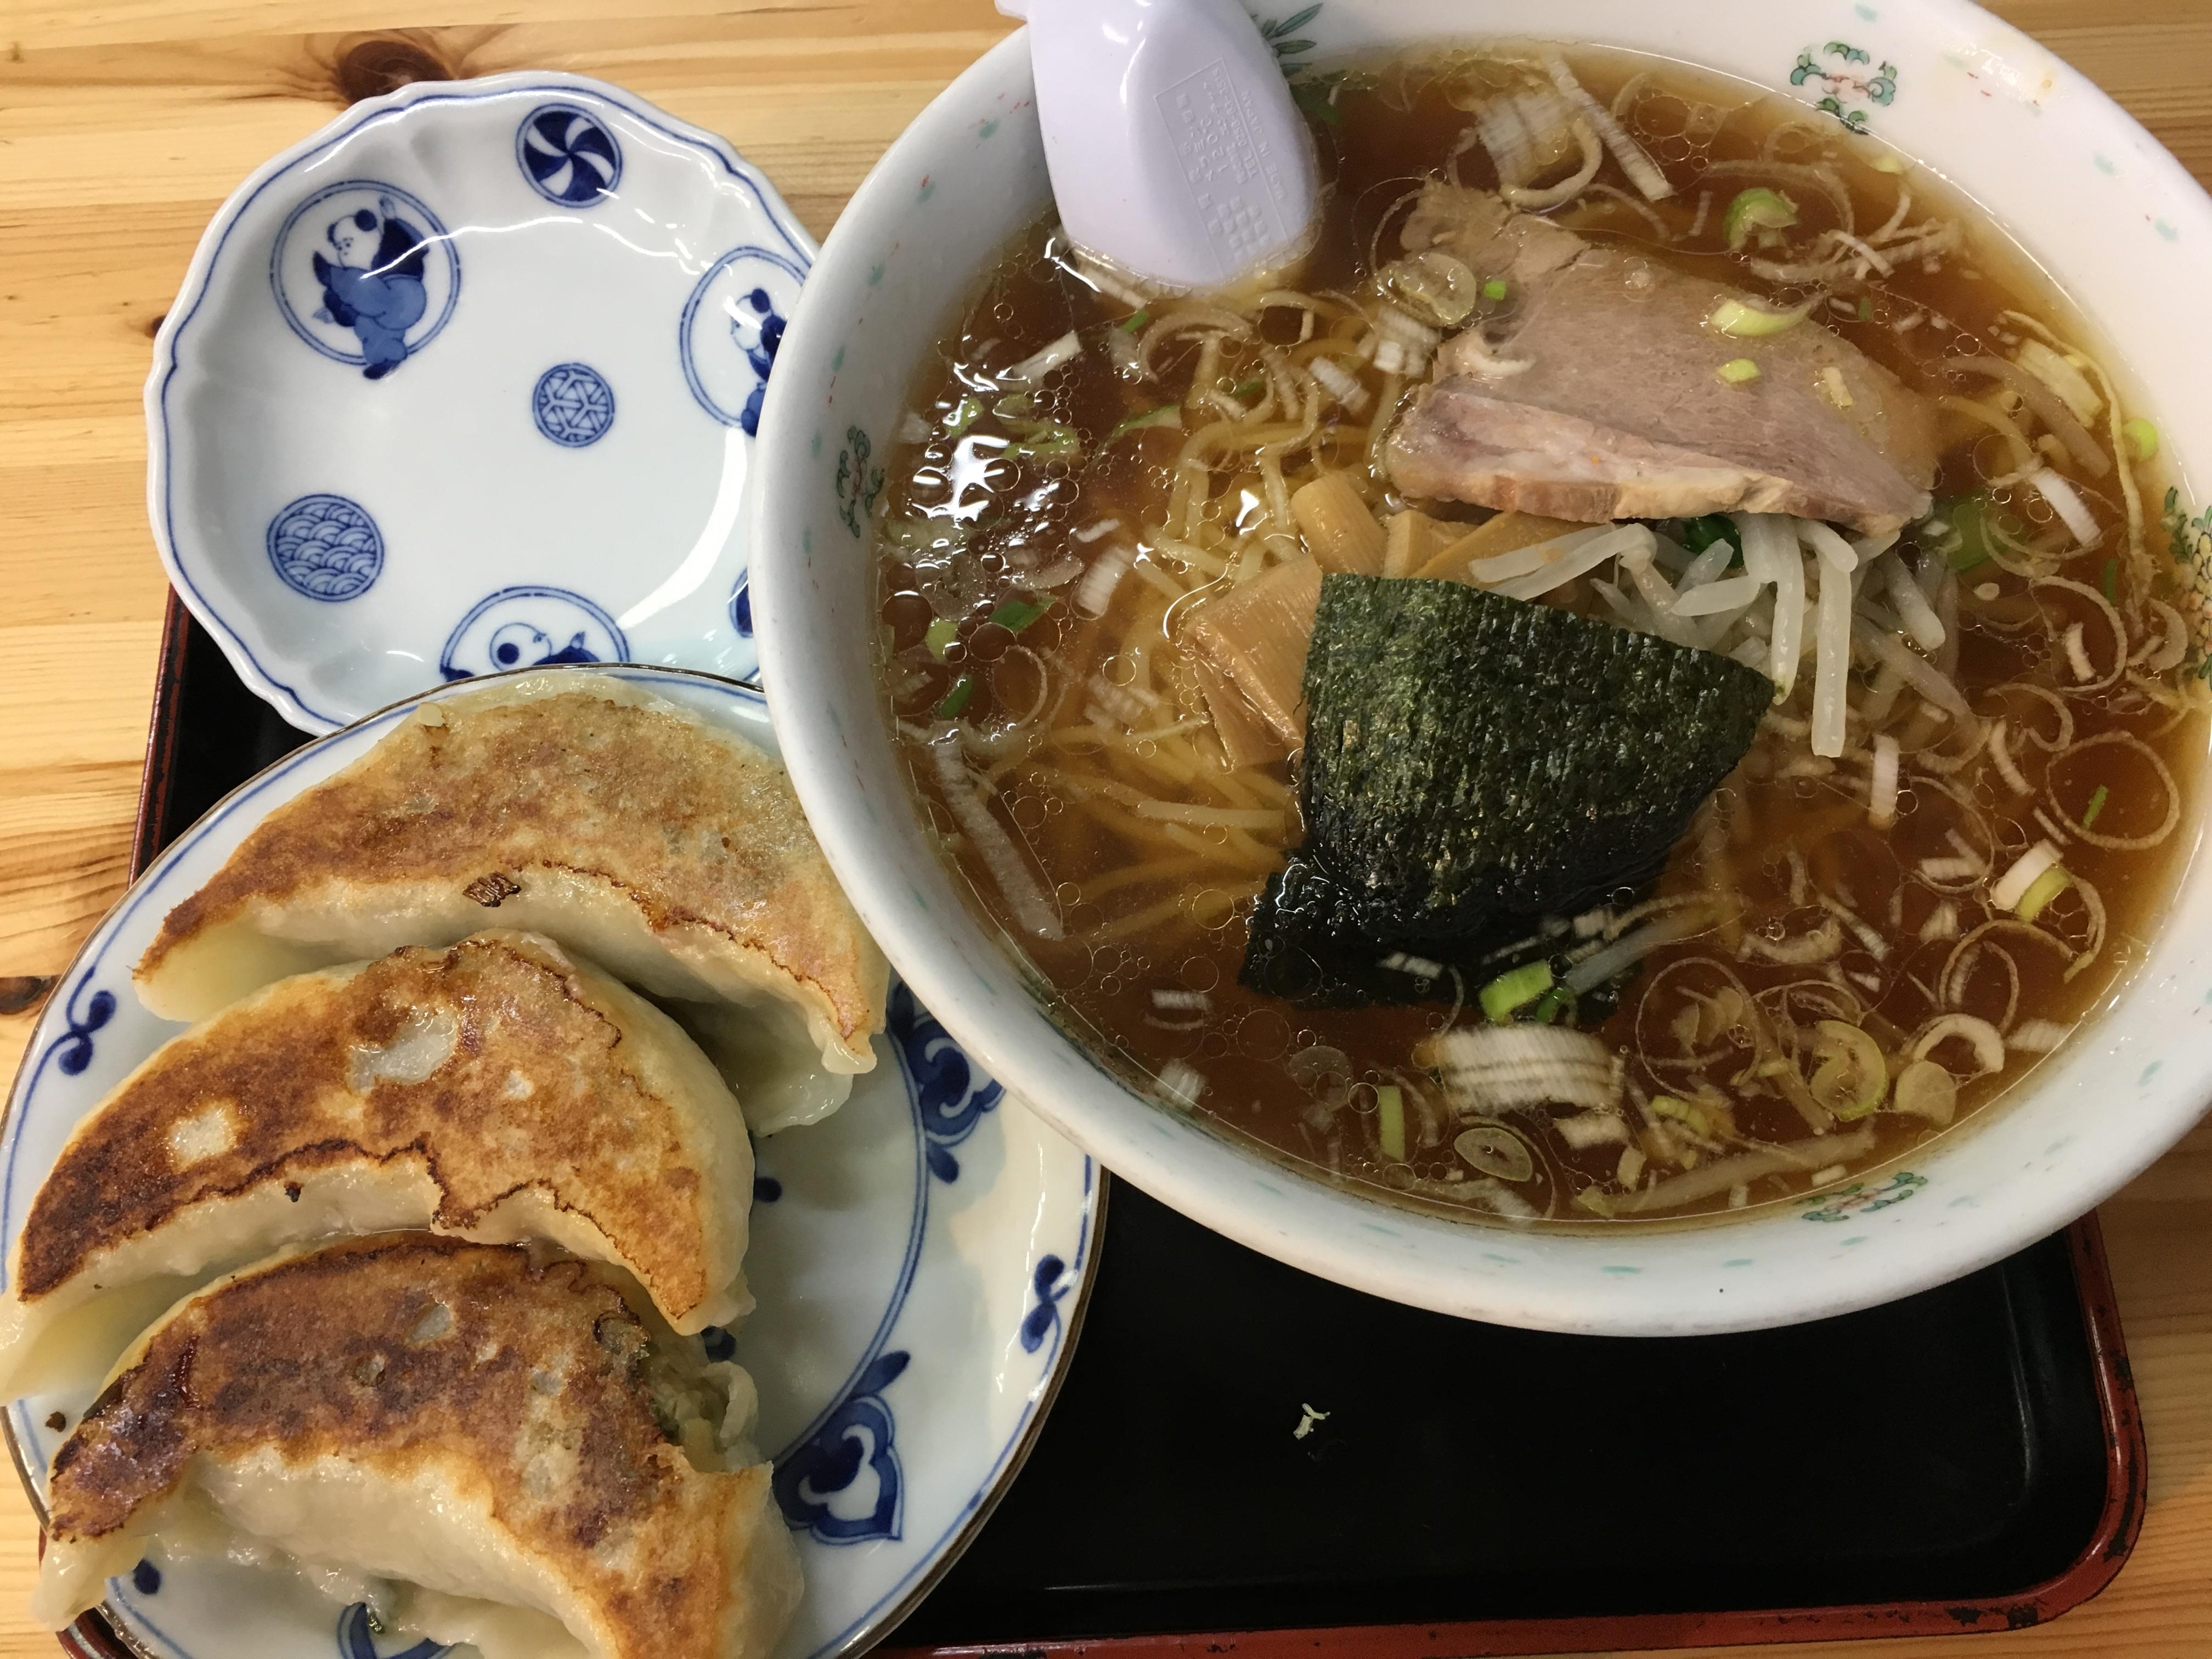 上石神井駅徒歩2分、地元に愛され続けるラーメン店「一圓(いちえん)」ラーメン餃子ランチセット